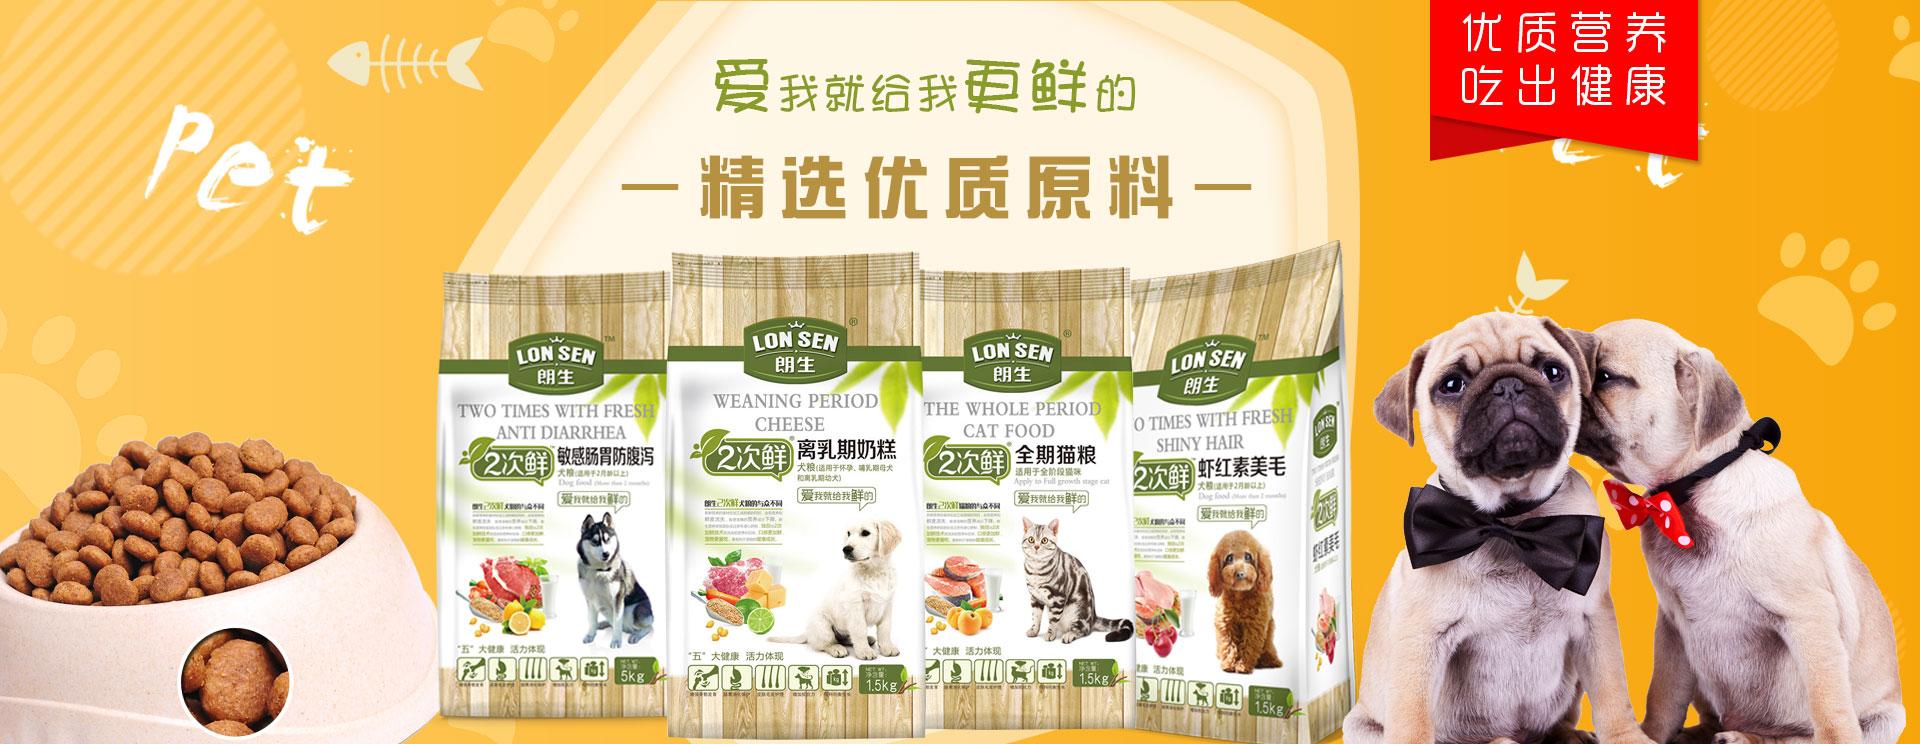 朗生狗粮,派派猫粮,先生狗粮,九条,九条猫粮,朗生,朗生犬粮